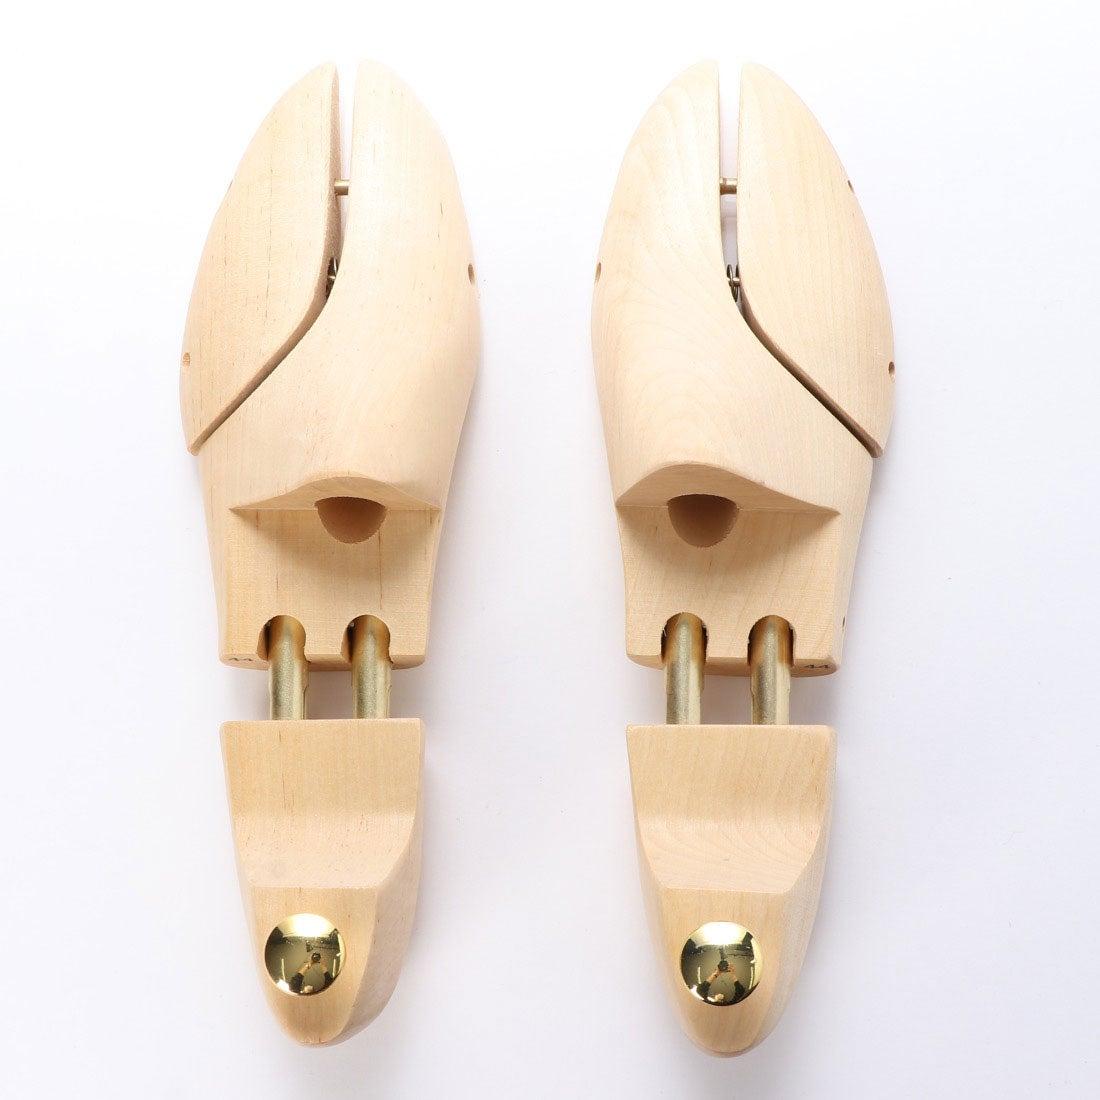 ロコンド 靴とファッションの通販サイトキングヤード KING YARD KINGYARD ツインチューブ #44 29-29.5cm (ニュートラル)